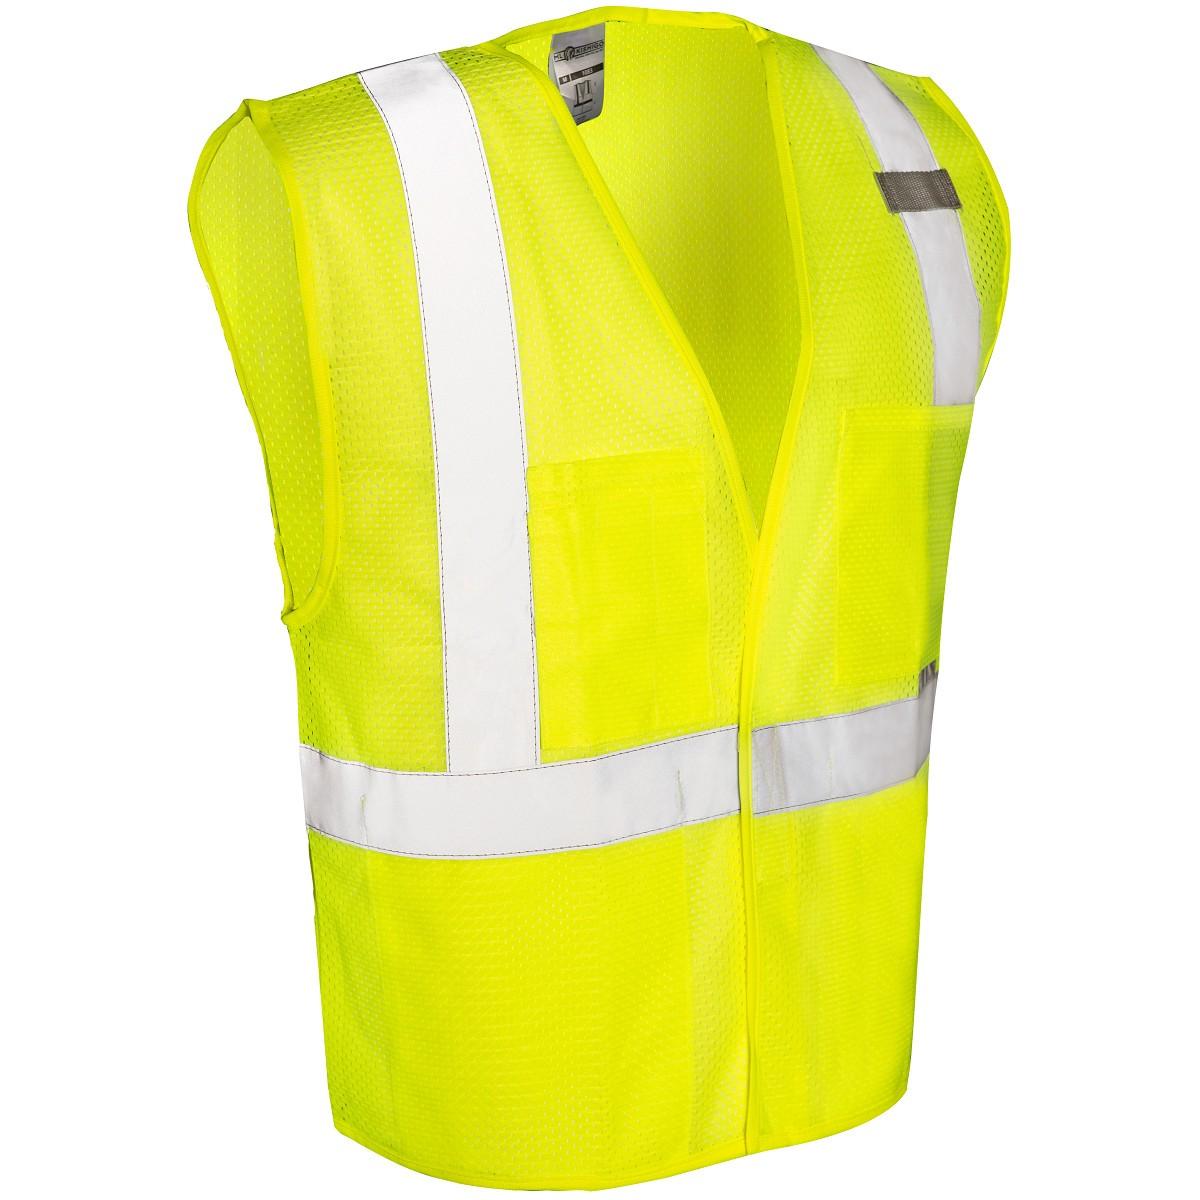 Ml kishigo 1083 velcro front 4 pocket safety vest yellow for 1083 3